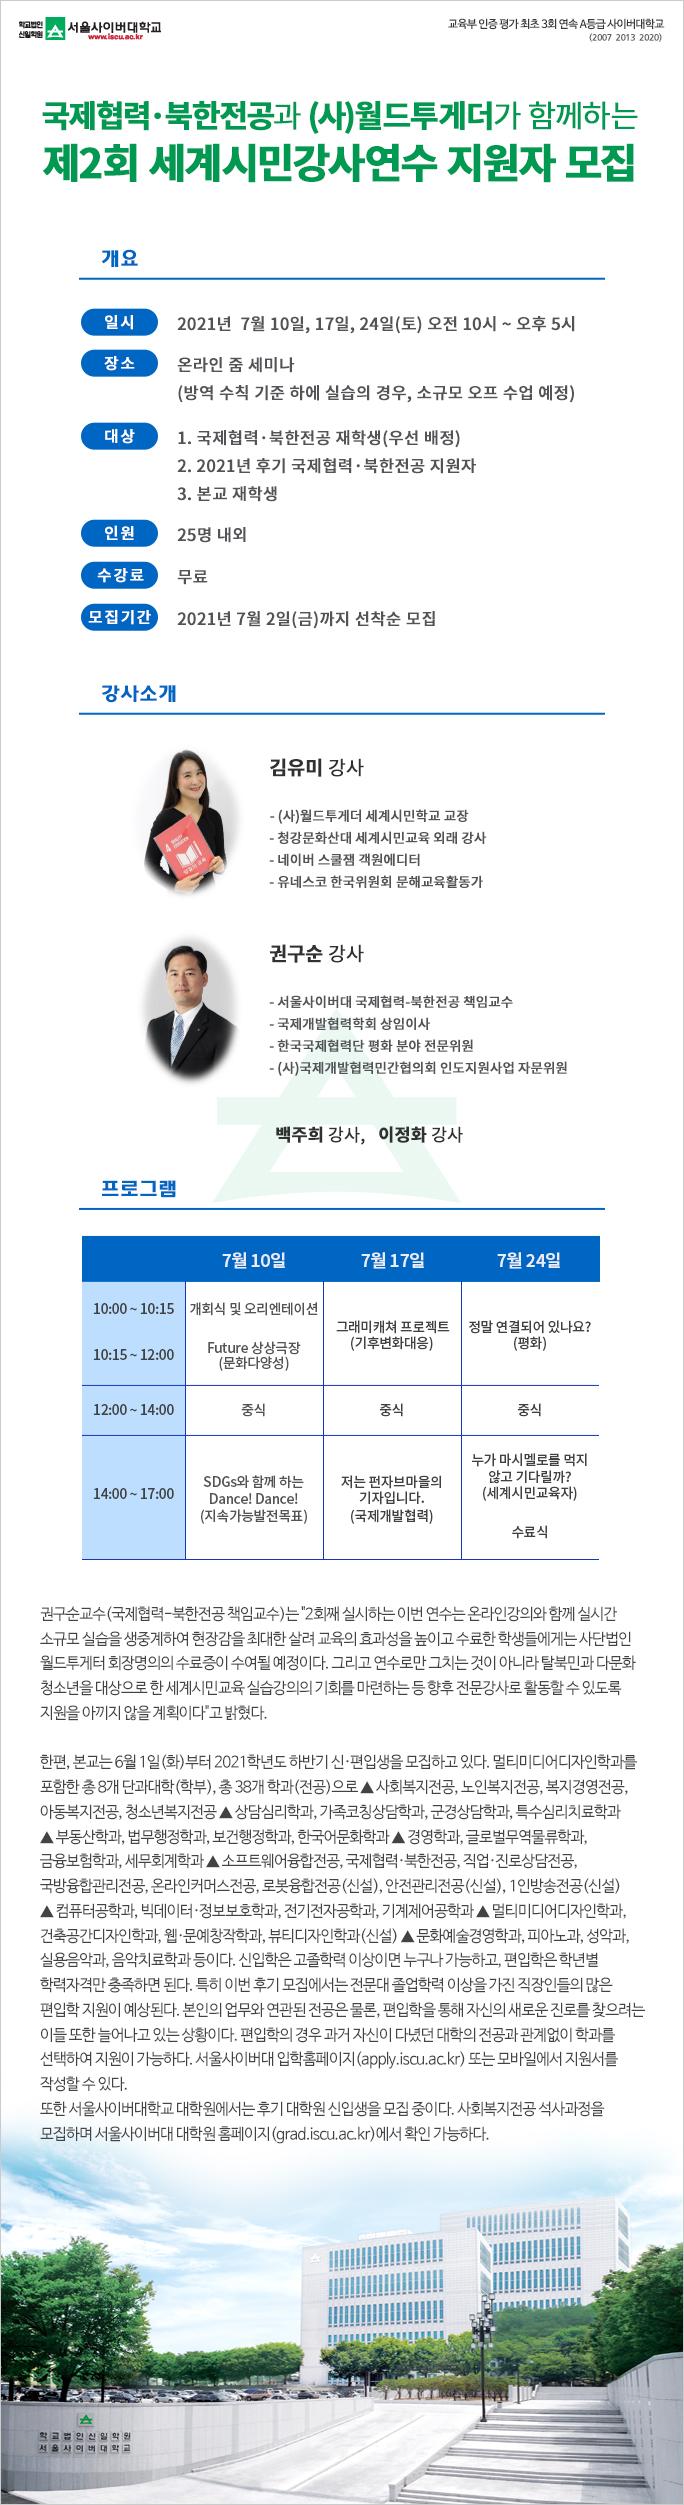 국제협력·북한 전공과 (사) 월드투게더가 함께 하는제2회 세계시민강사연수 지원자 모집